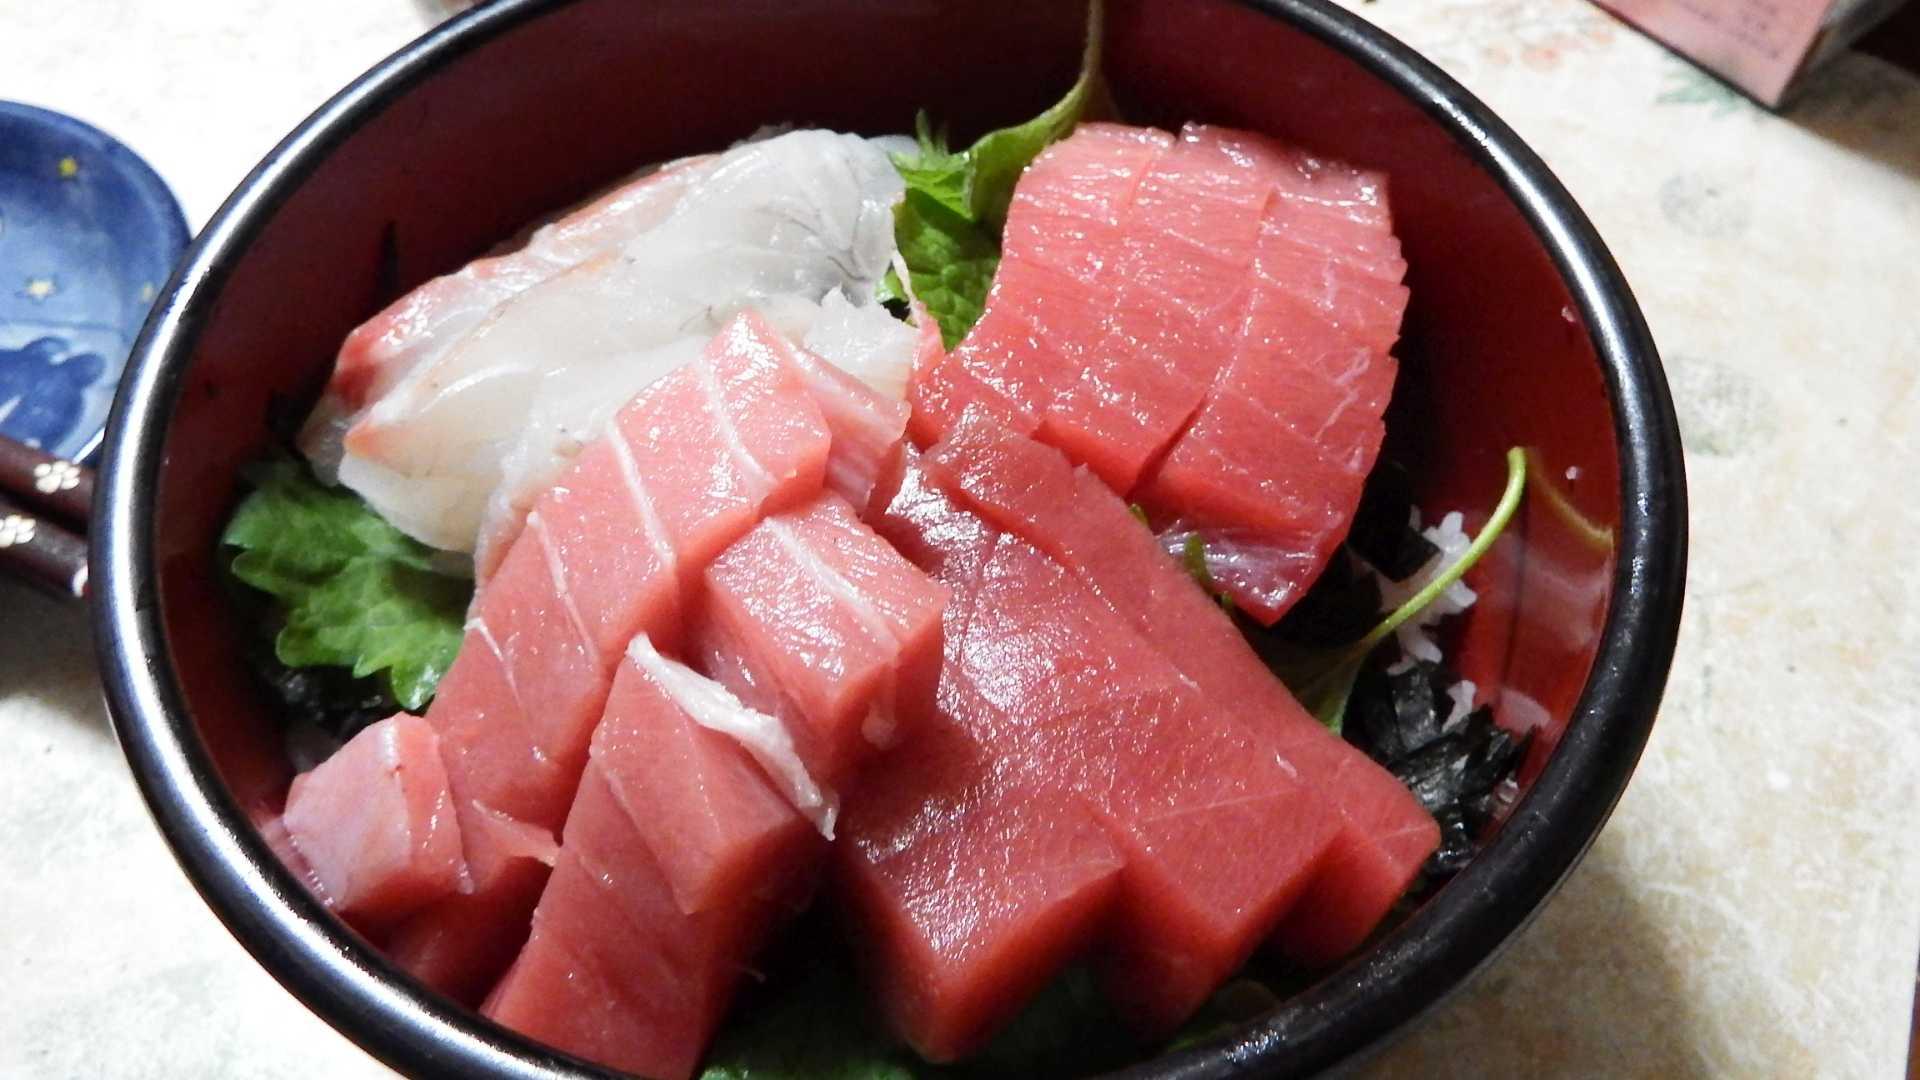 まず下から、ヤオコーで買った京都・伊根産の赤身・中トロを試食しましたが、赤身はいまいちで中トロは油がのってまあまあ・・・。私個人的にはちょっと・・・かすかに生臭みが気になりました。これは義母も同じ感想。しかし、スーパーバリューで買った熊本県産の鯛と和歌山県産の本マグロ(中トロ)のほうが、臭みもなくさっぱりしてとても美味しかったですね♪